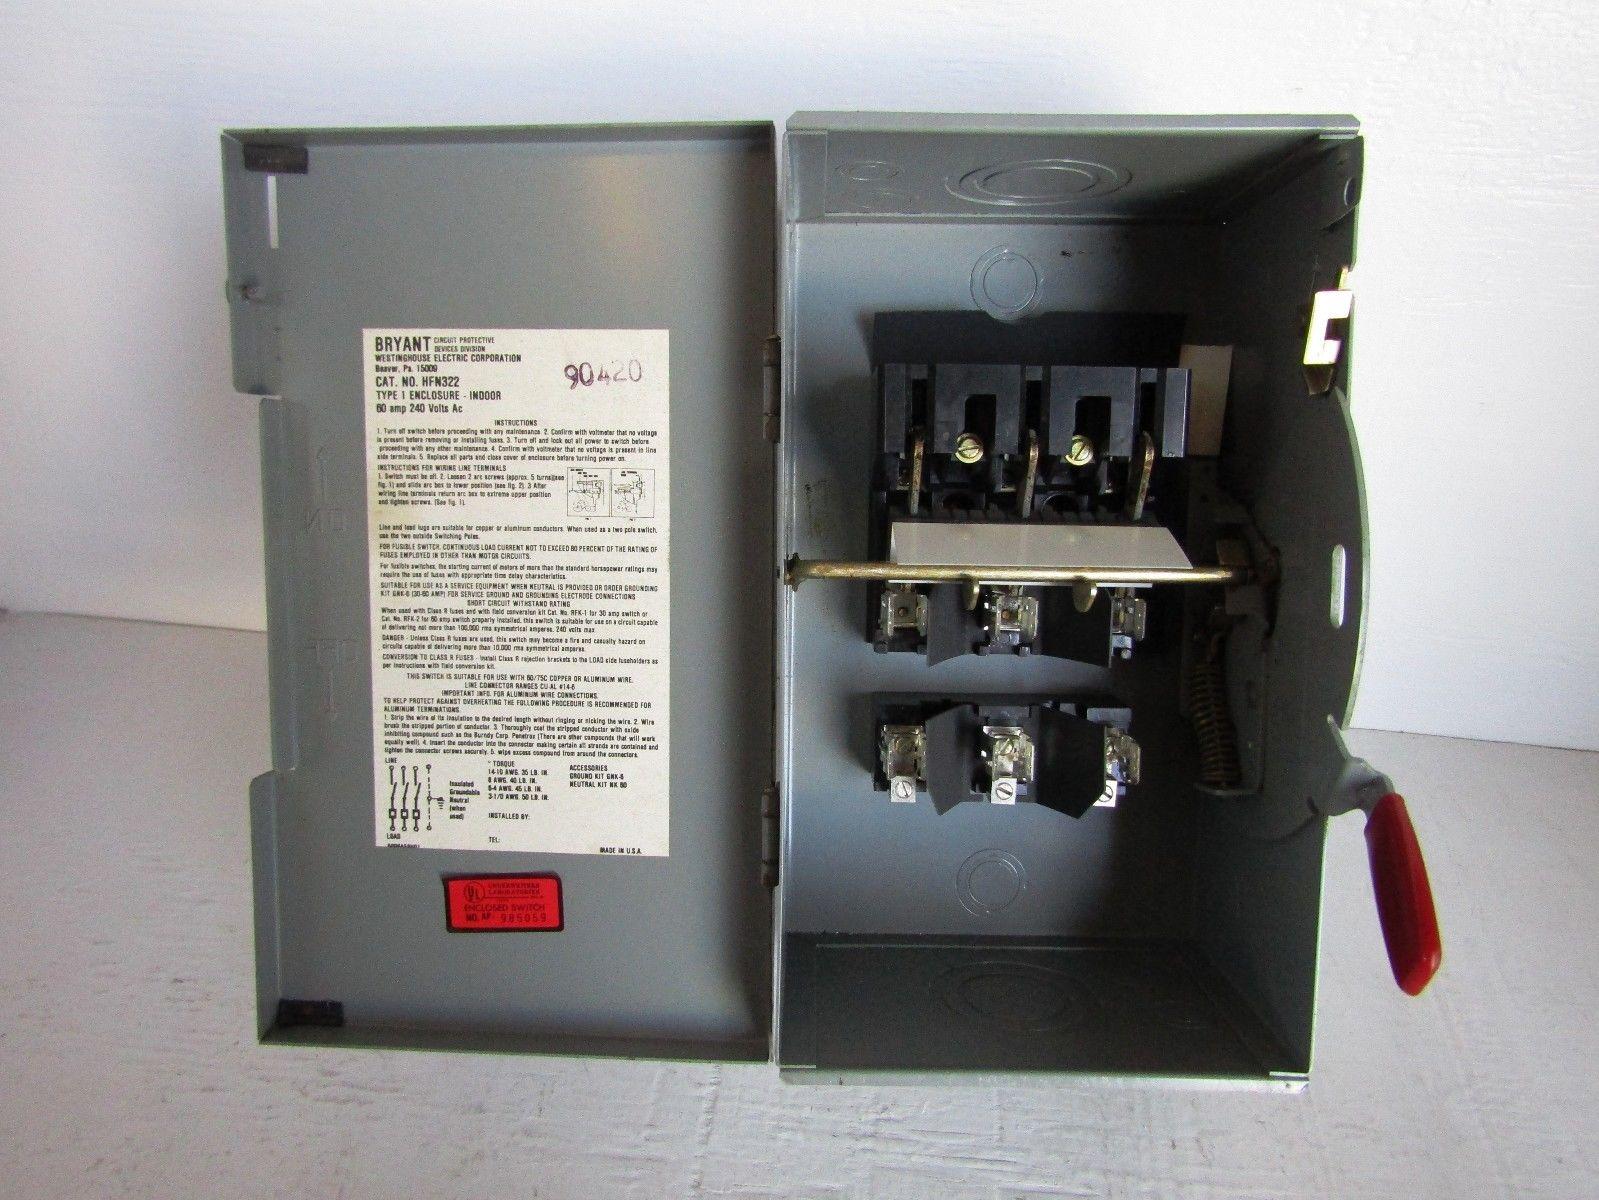 Westinghouse  Bryant Hfn322 3 Pole 60 Amp 240 Volt Nema 1